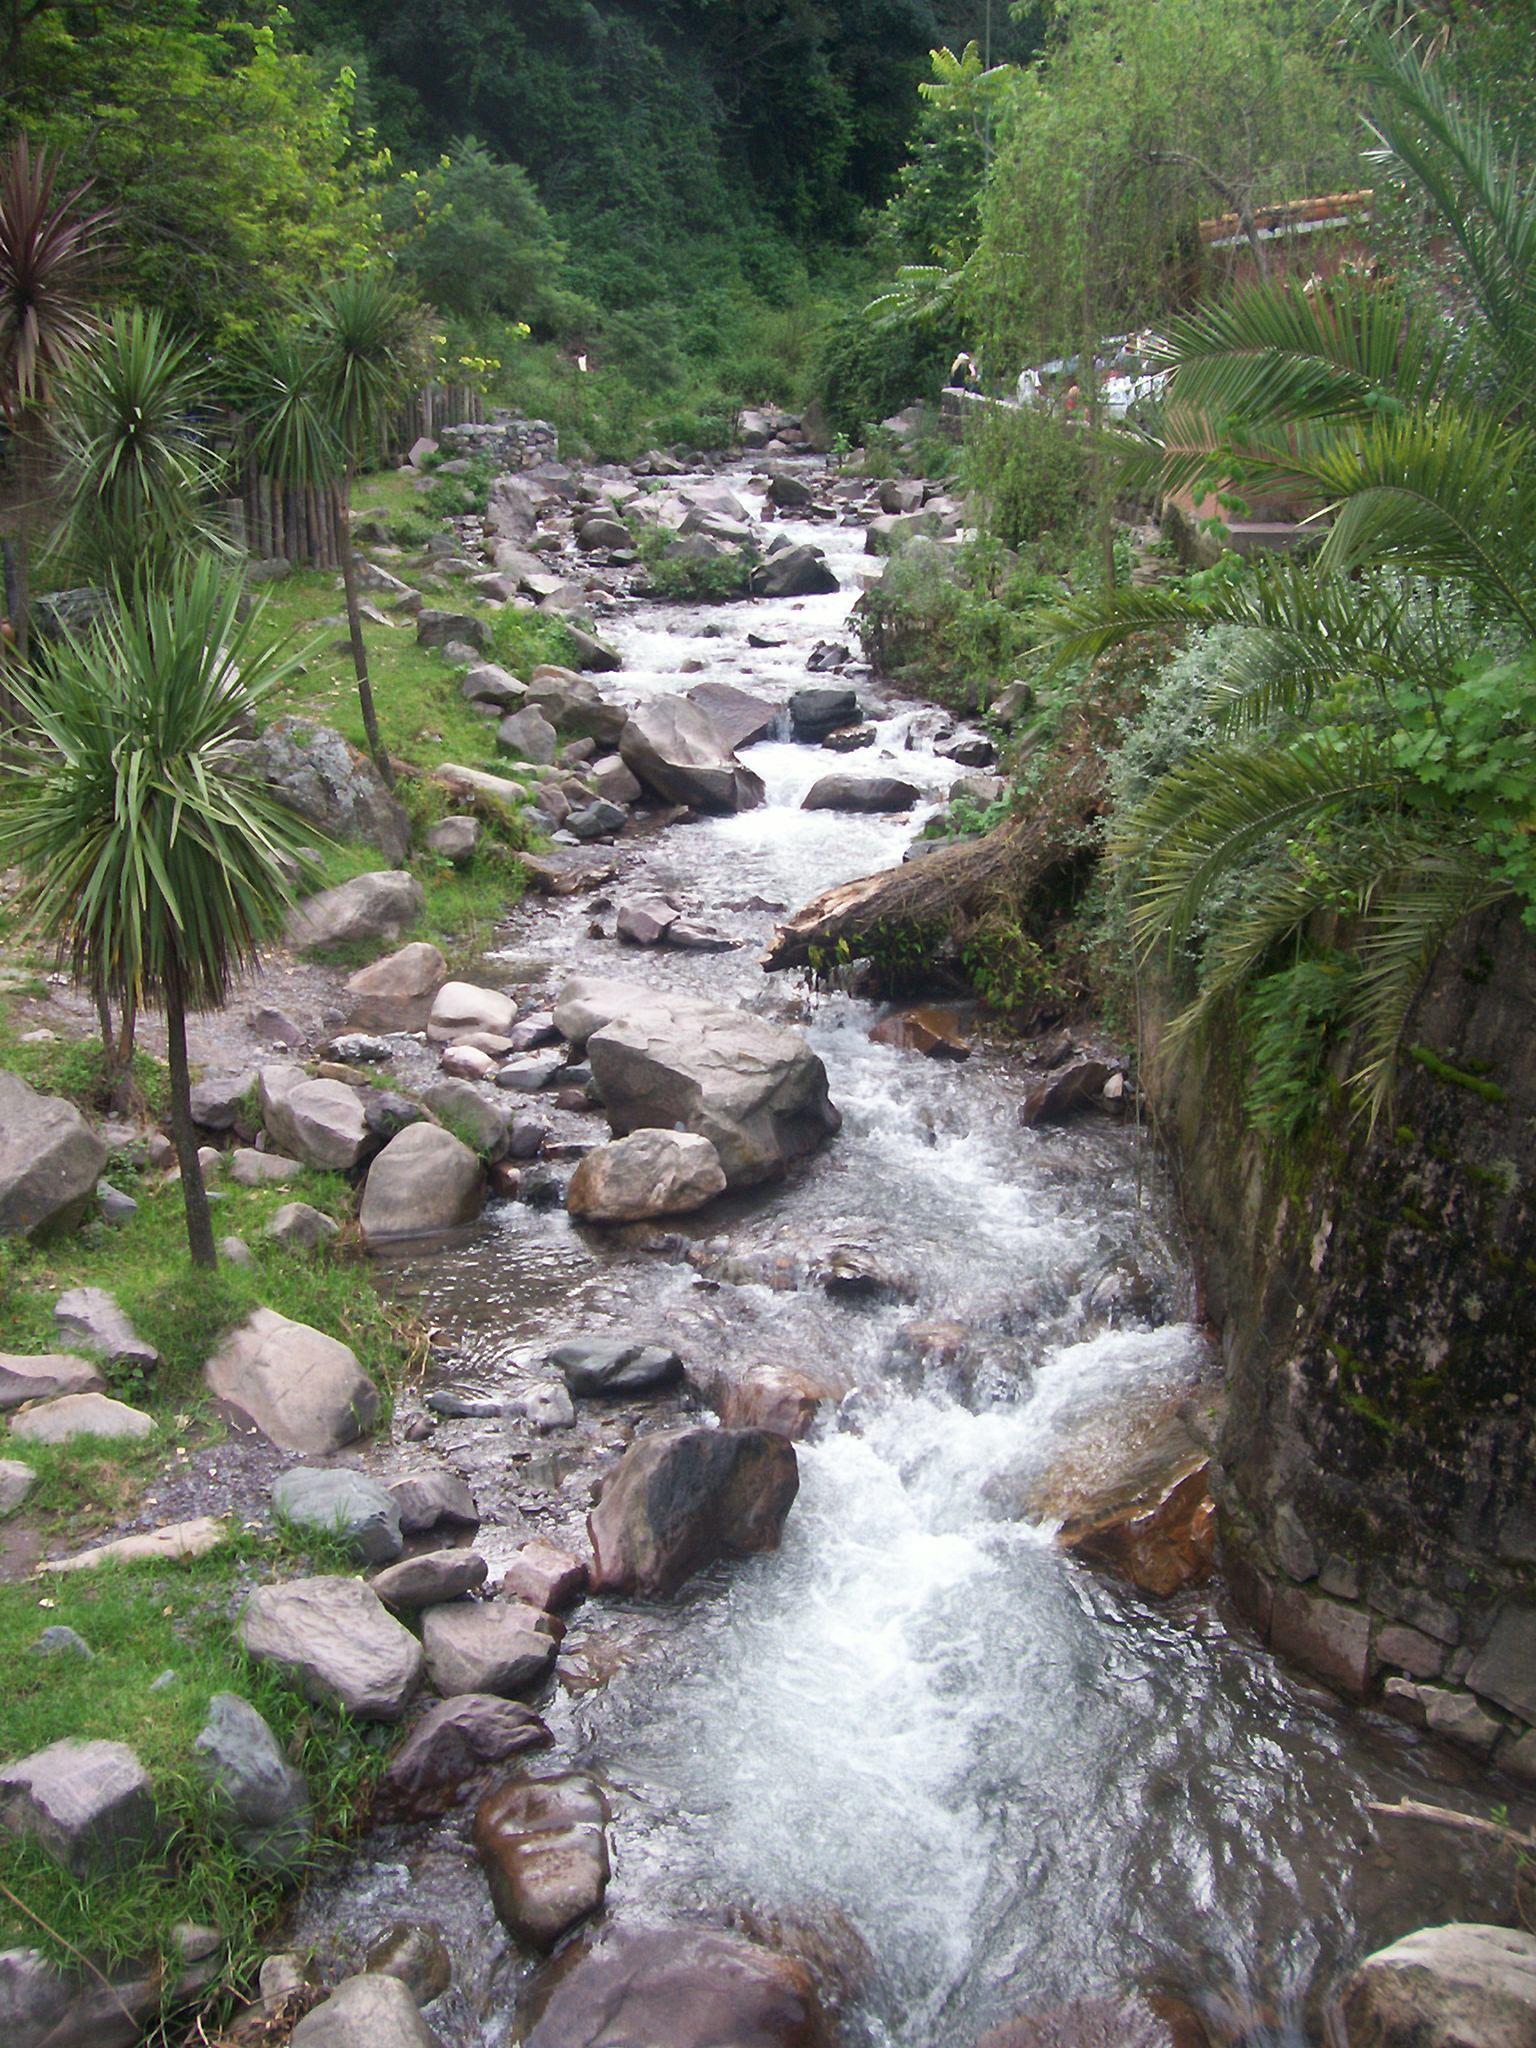 Río San Lorenzo (Argentina) - Wikipedia, la enciclopedia libre